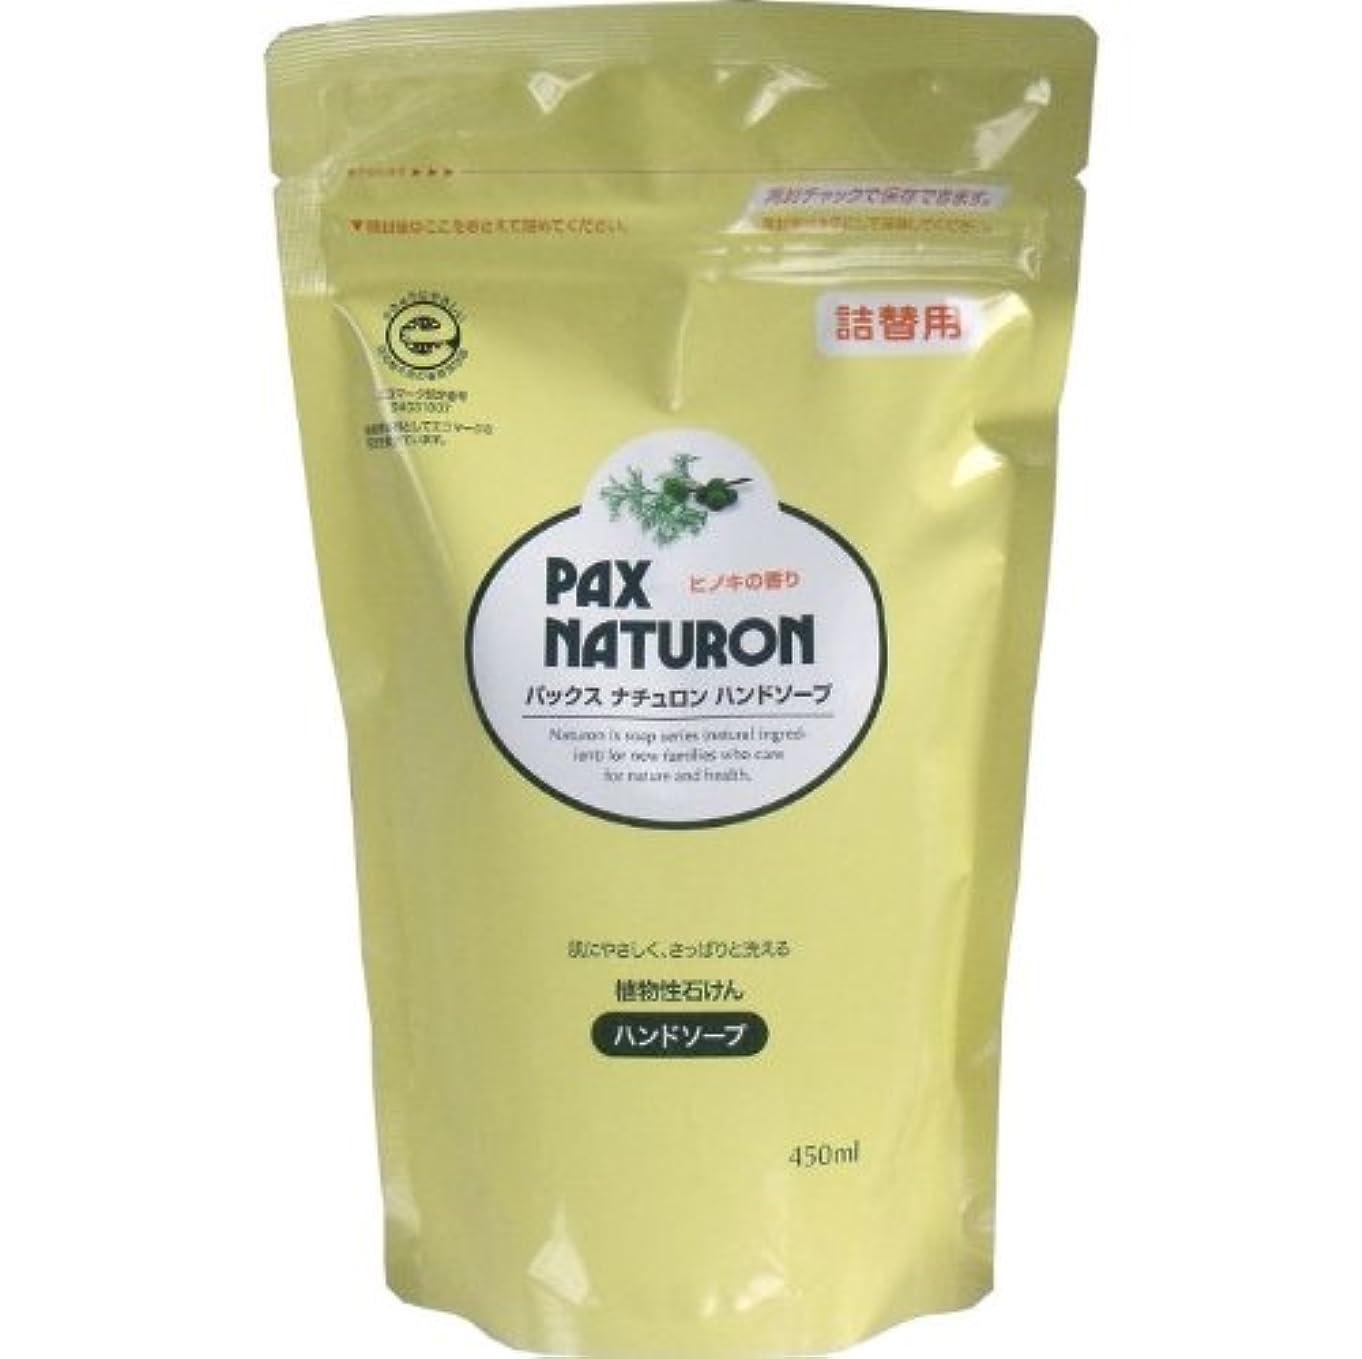 ケープ開始ロイヤリティ肌にやさしく、さっぱりと洗える植物性石けん!植物性ハンドソープ 詰替用 450mL